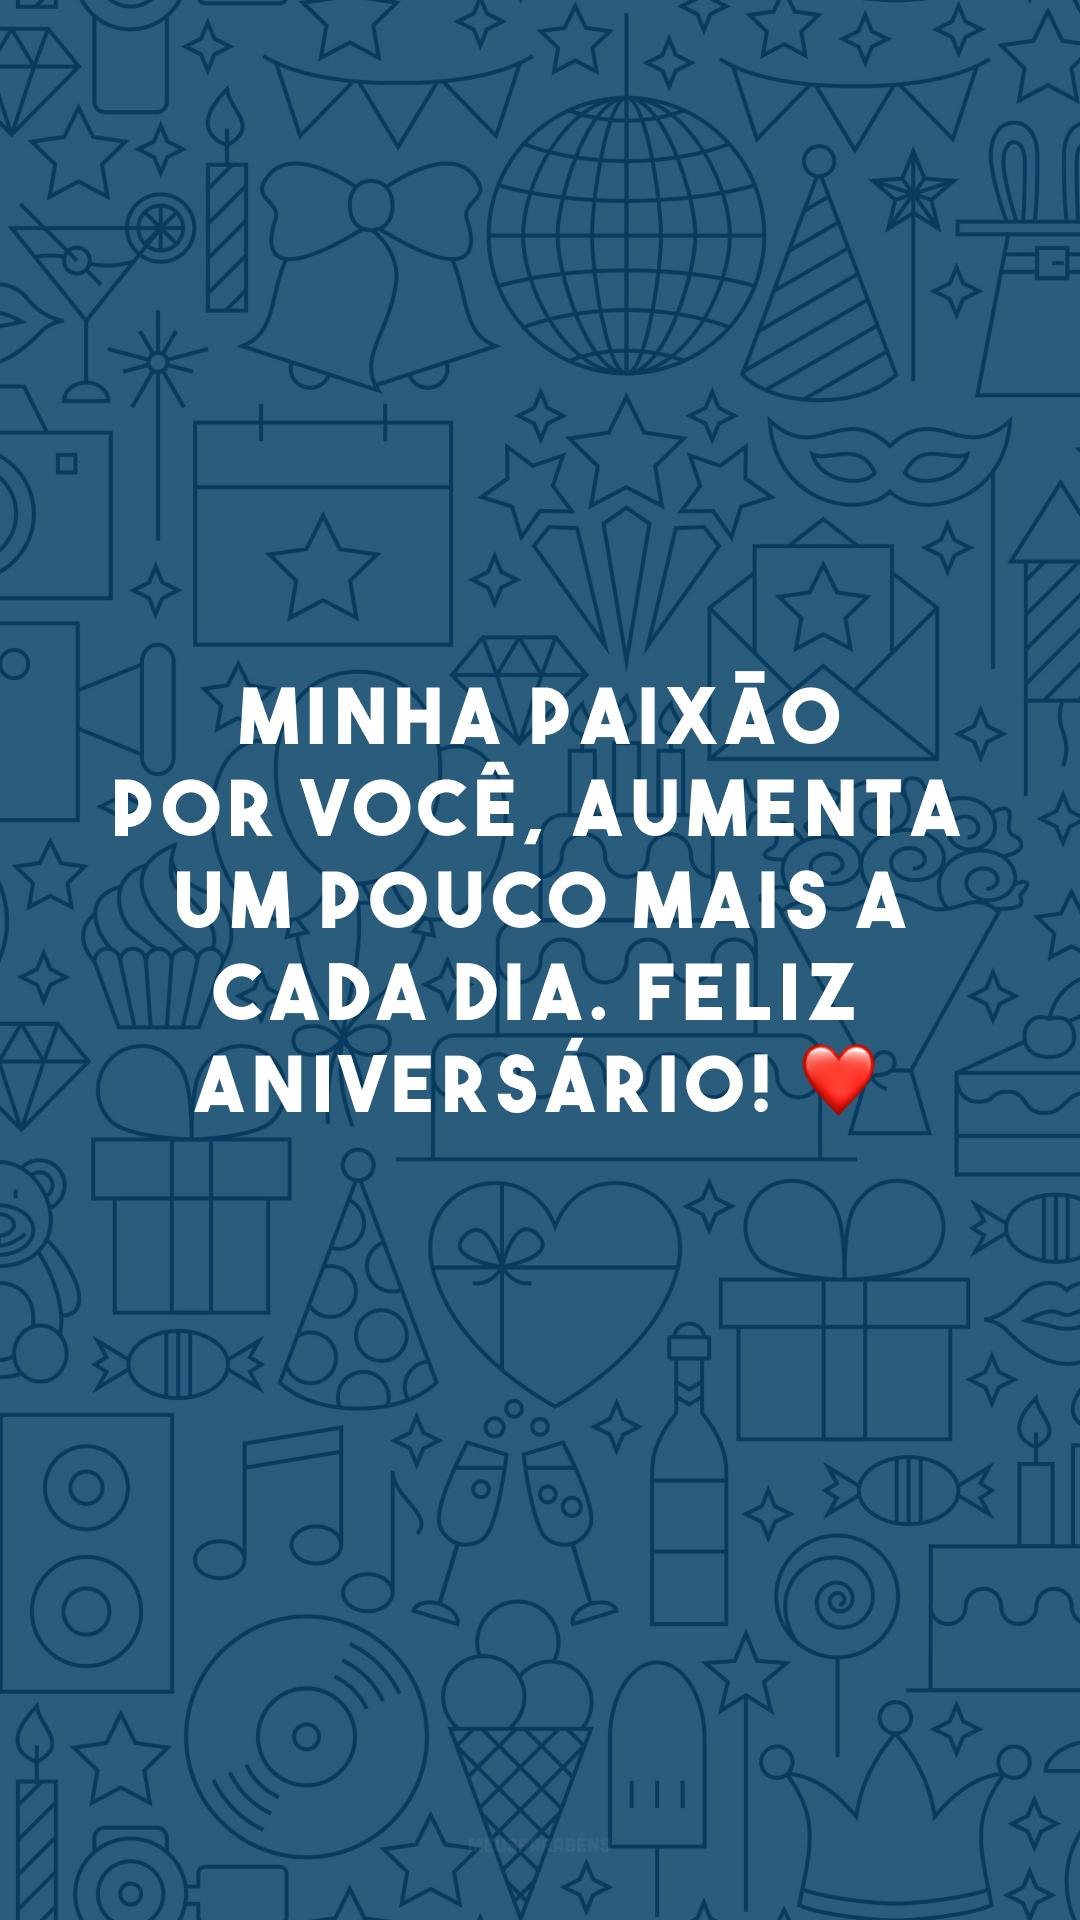 Minha paixão por você, aumenta um pouco mais a cada dia. Feliz aniversário! ❤️